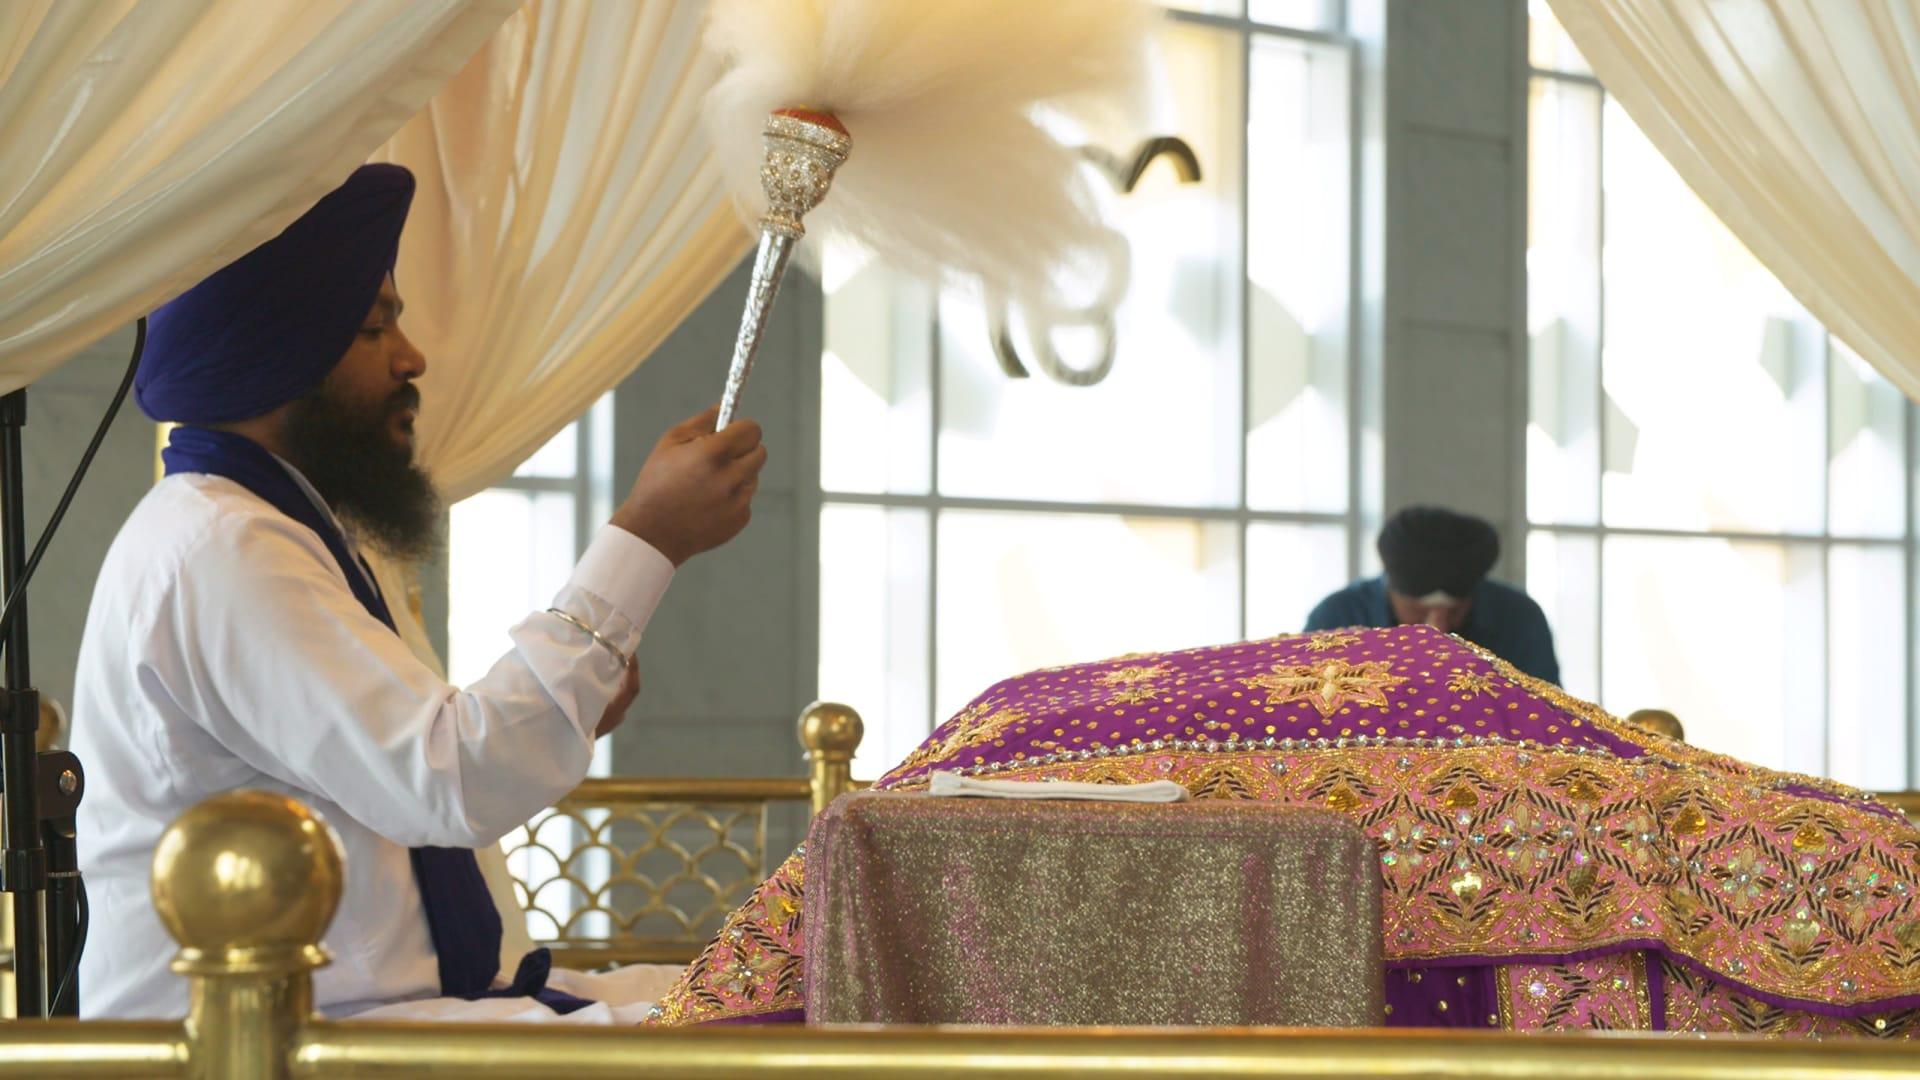 بدبي.. ما سر تحول معبد سيخي إلى مكان يصلي فيه المسلمون؟